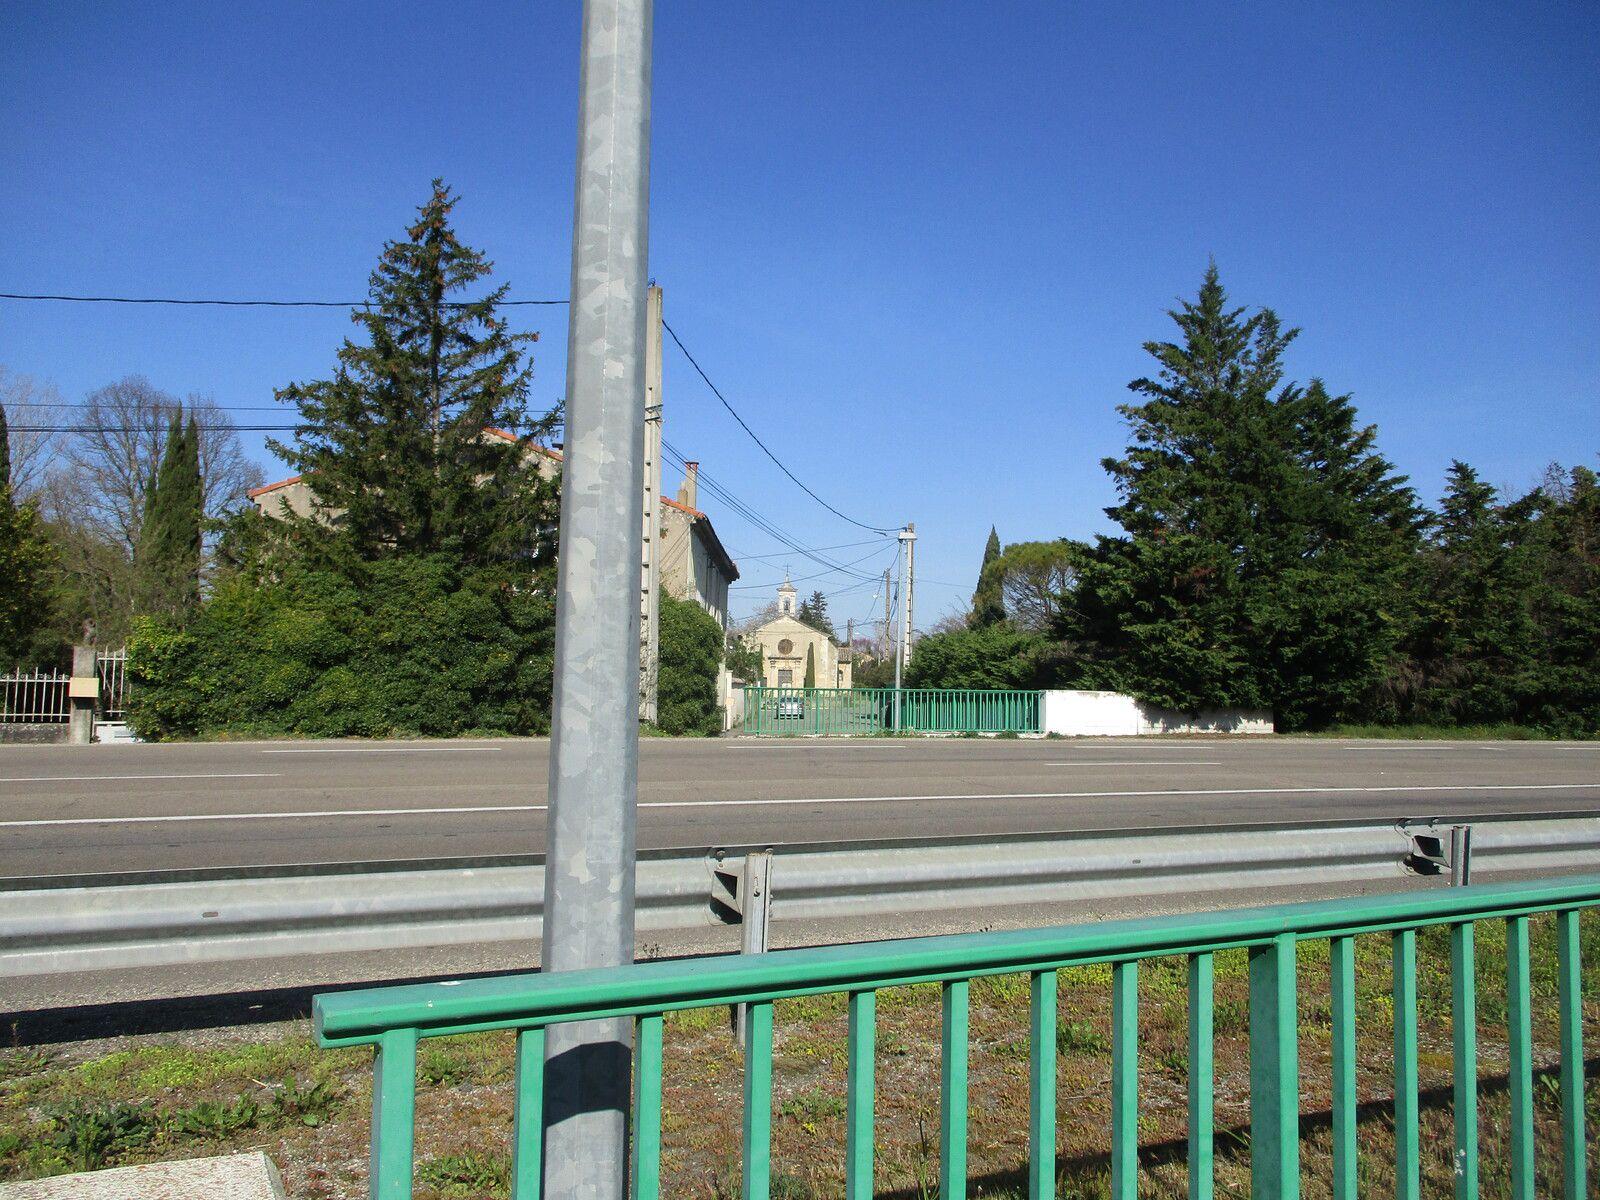 Un beaujour entre 1953/1956,la nationale 7 si chère à Charles Trenet à eut la fâcheuse idée de couper la rue Notre-Dame en deux, ne laissant qu'un passage souterrain aux fidèles pour y accéder. Elle sert aujourd'hui desimple dépôt pour les services techniques de la mairie mais ca reste une chapelle quand même.(Laurent.A)